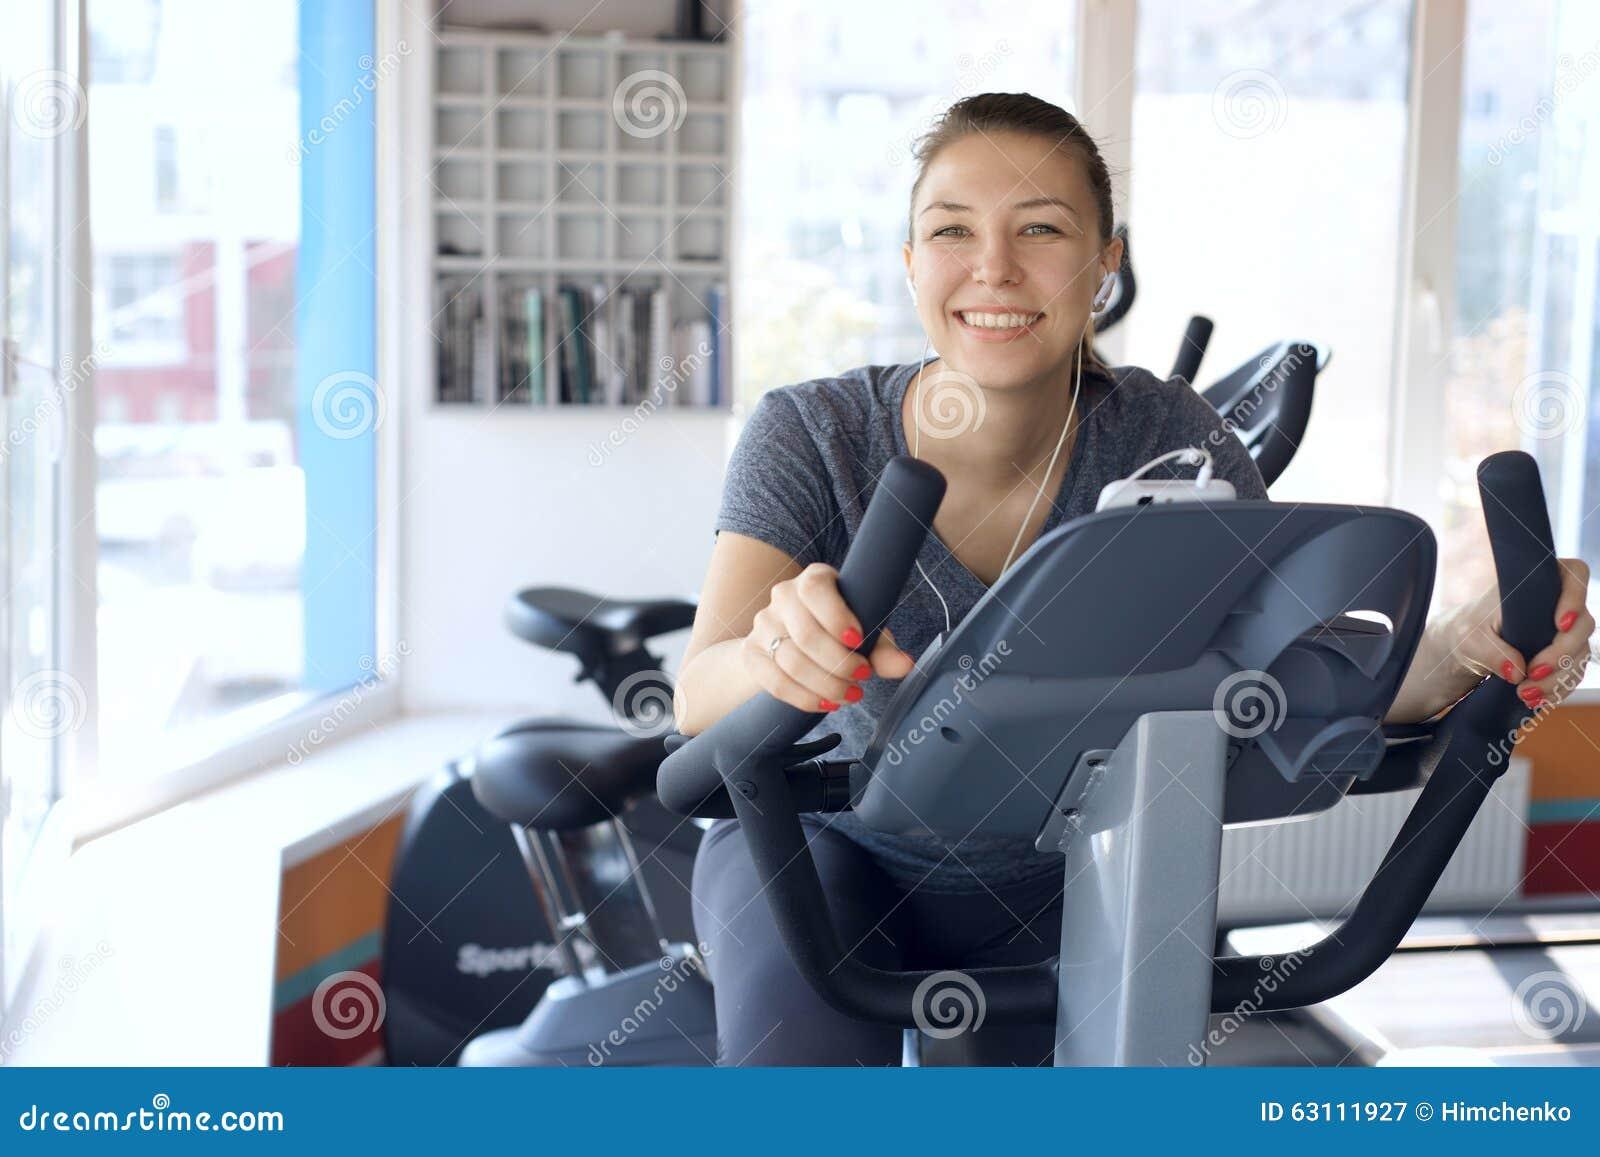 La donna felice è impegnata su una bici fissa